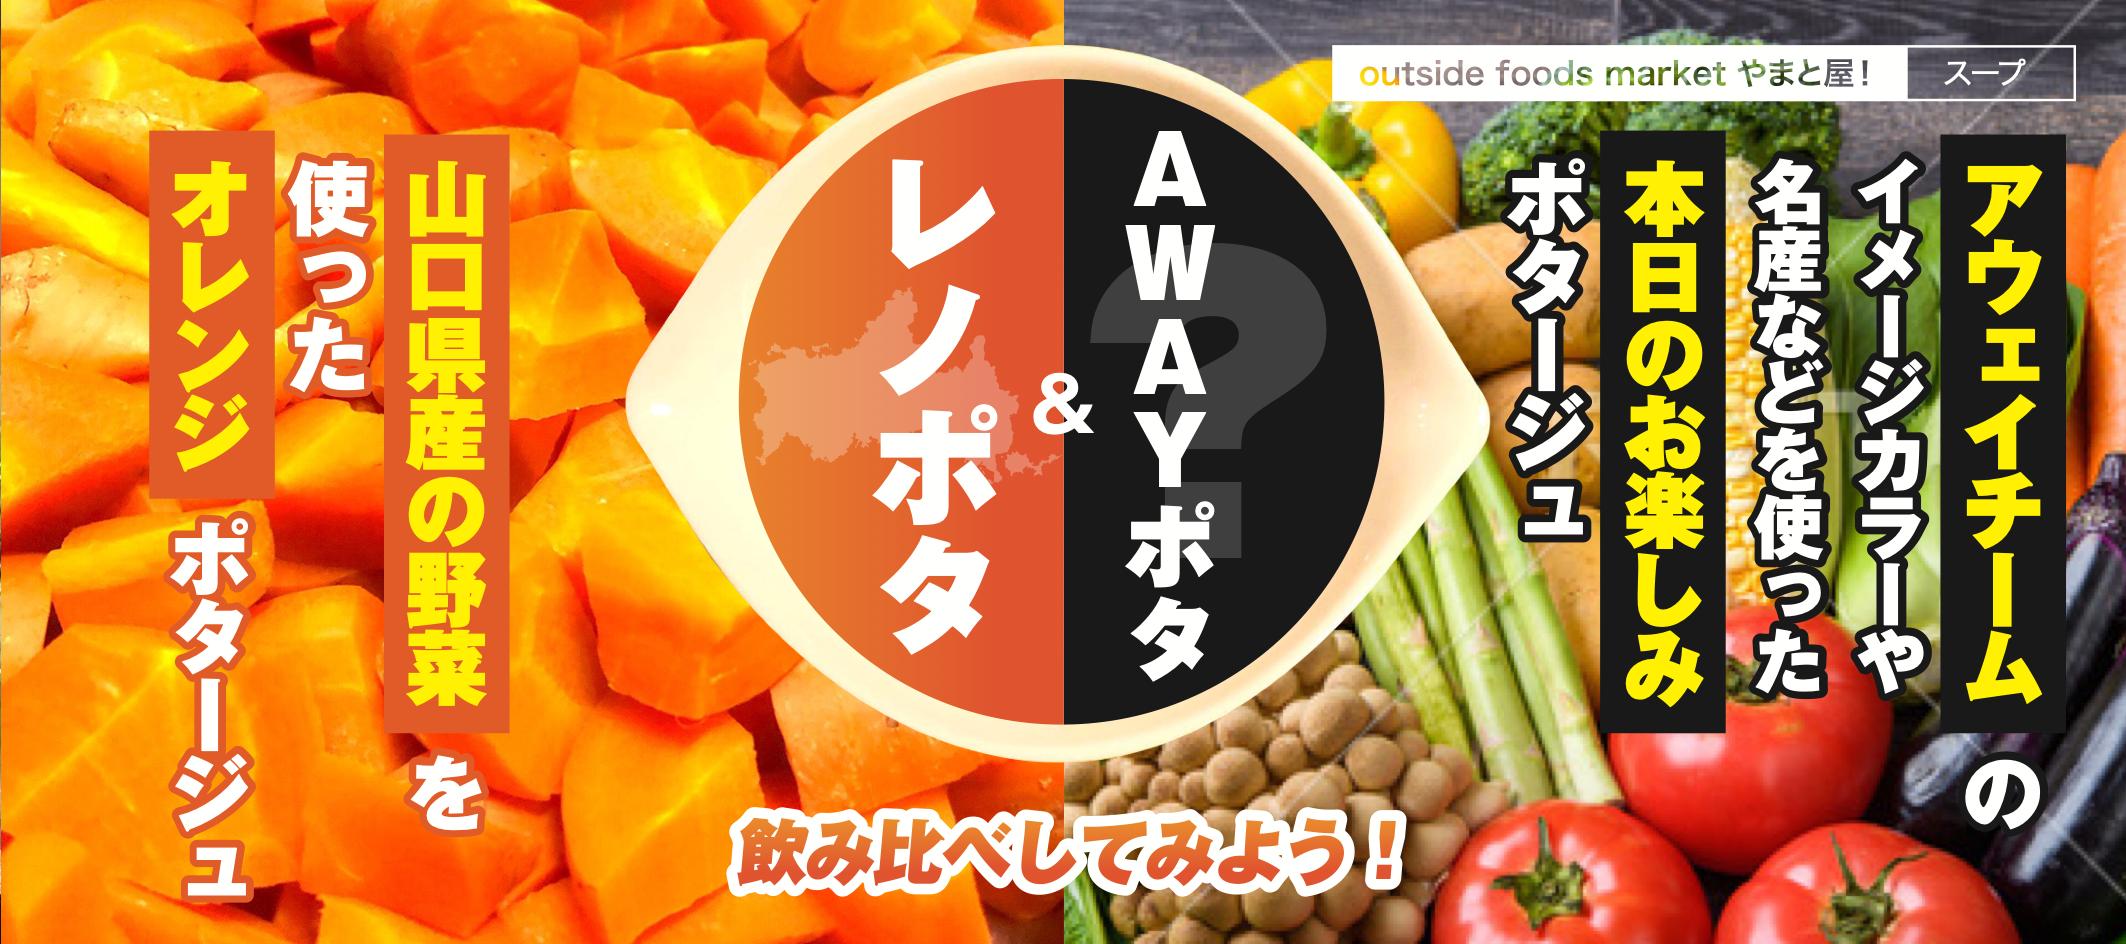 014-yamatoya-soup.png